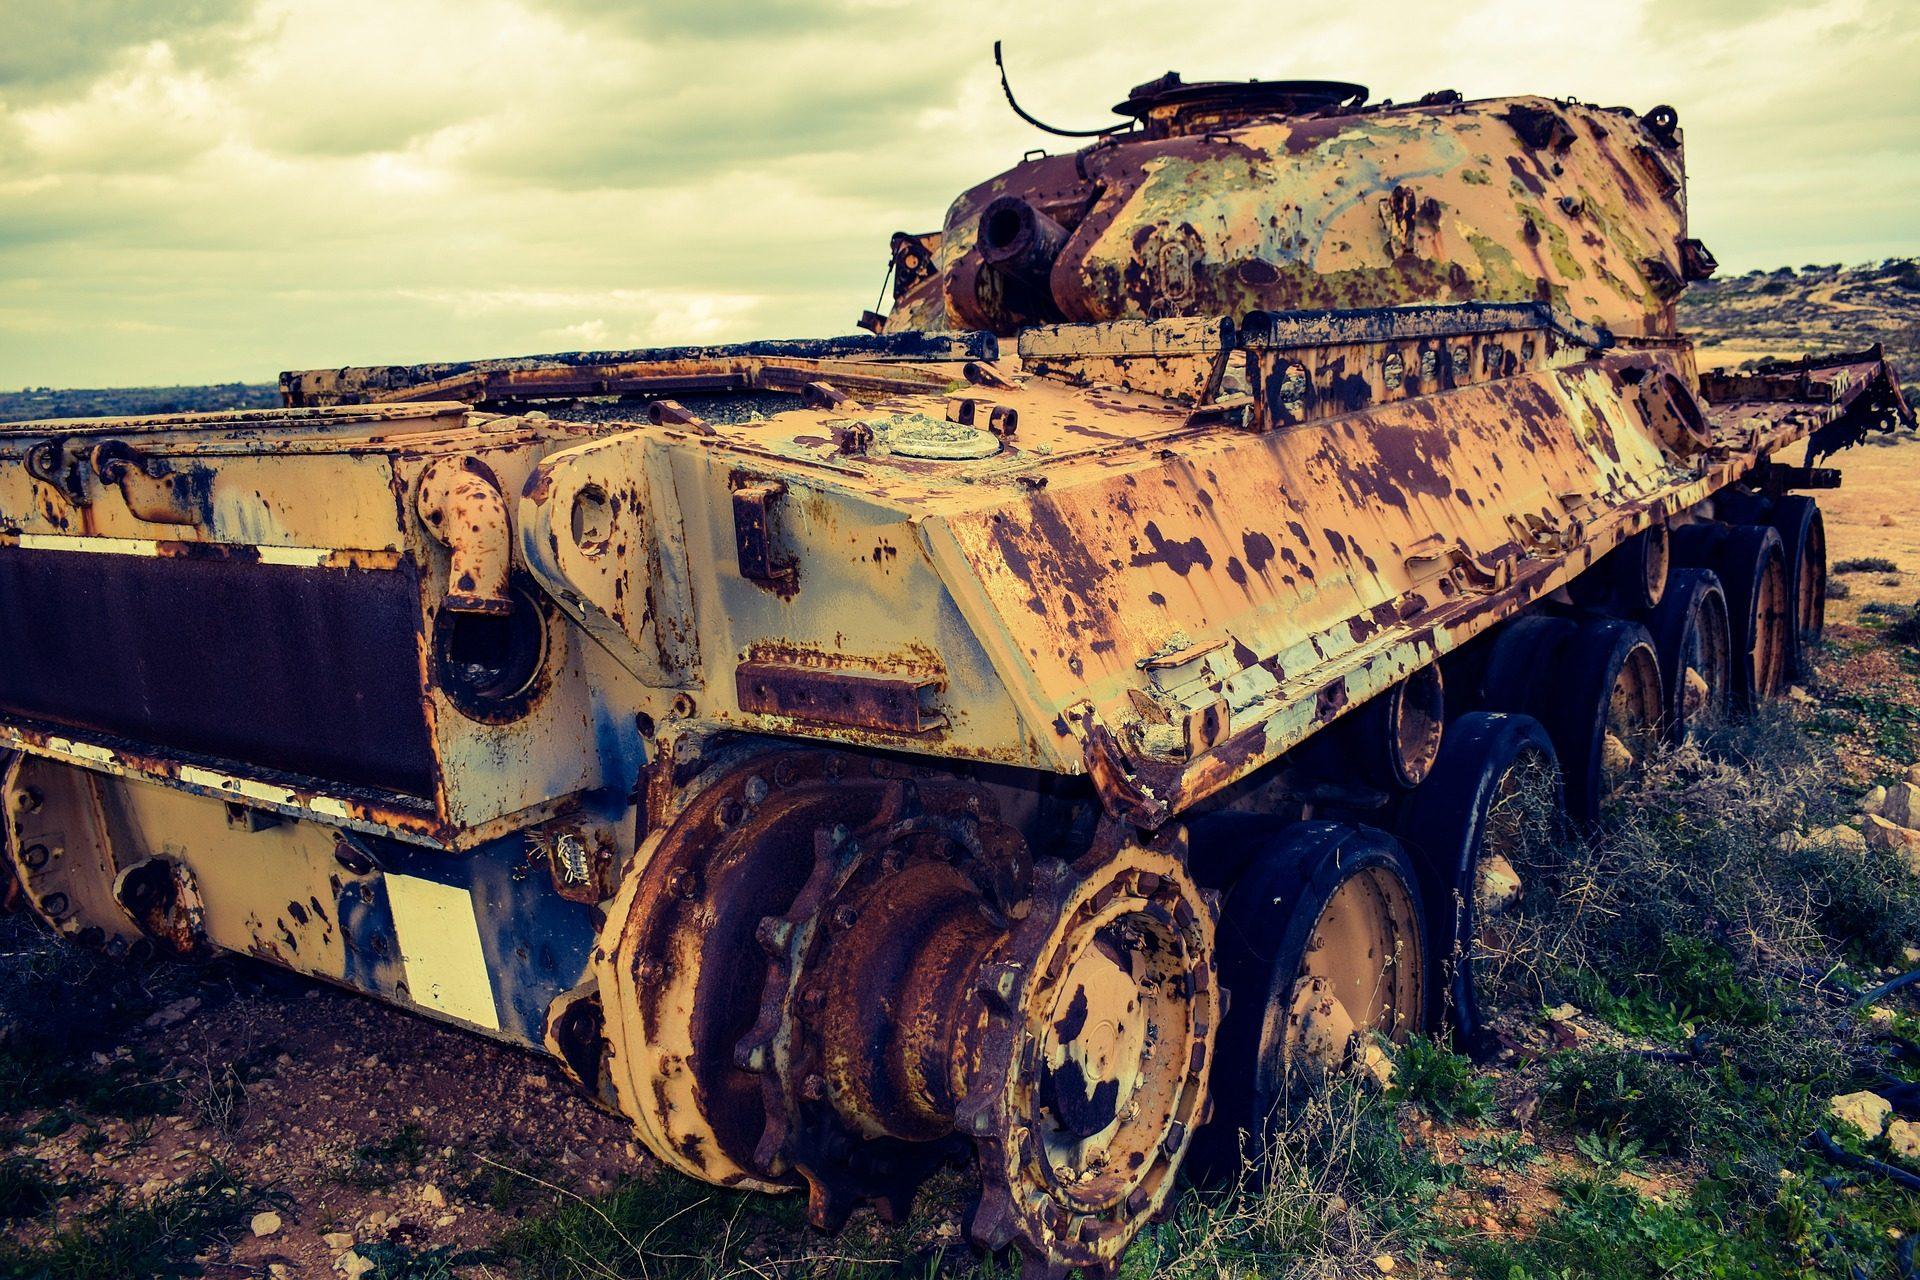 Tank, militärische, alt, aufgegeben, Oxid - Wallpaper HD - Prof.-falken.com